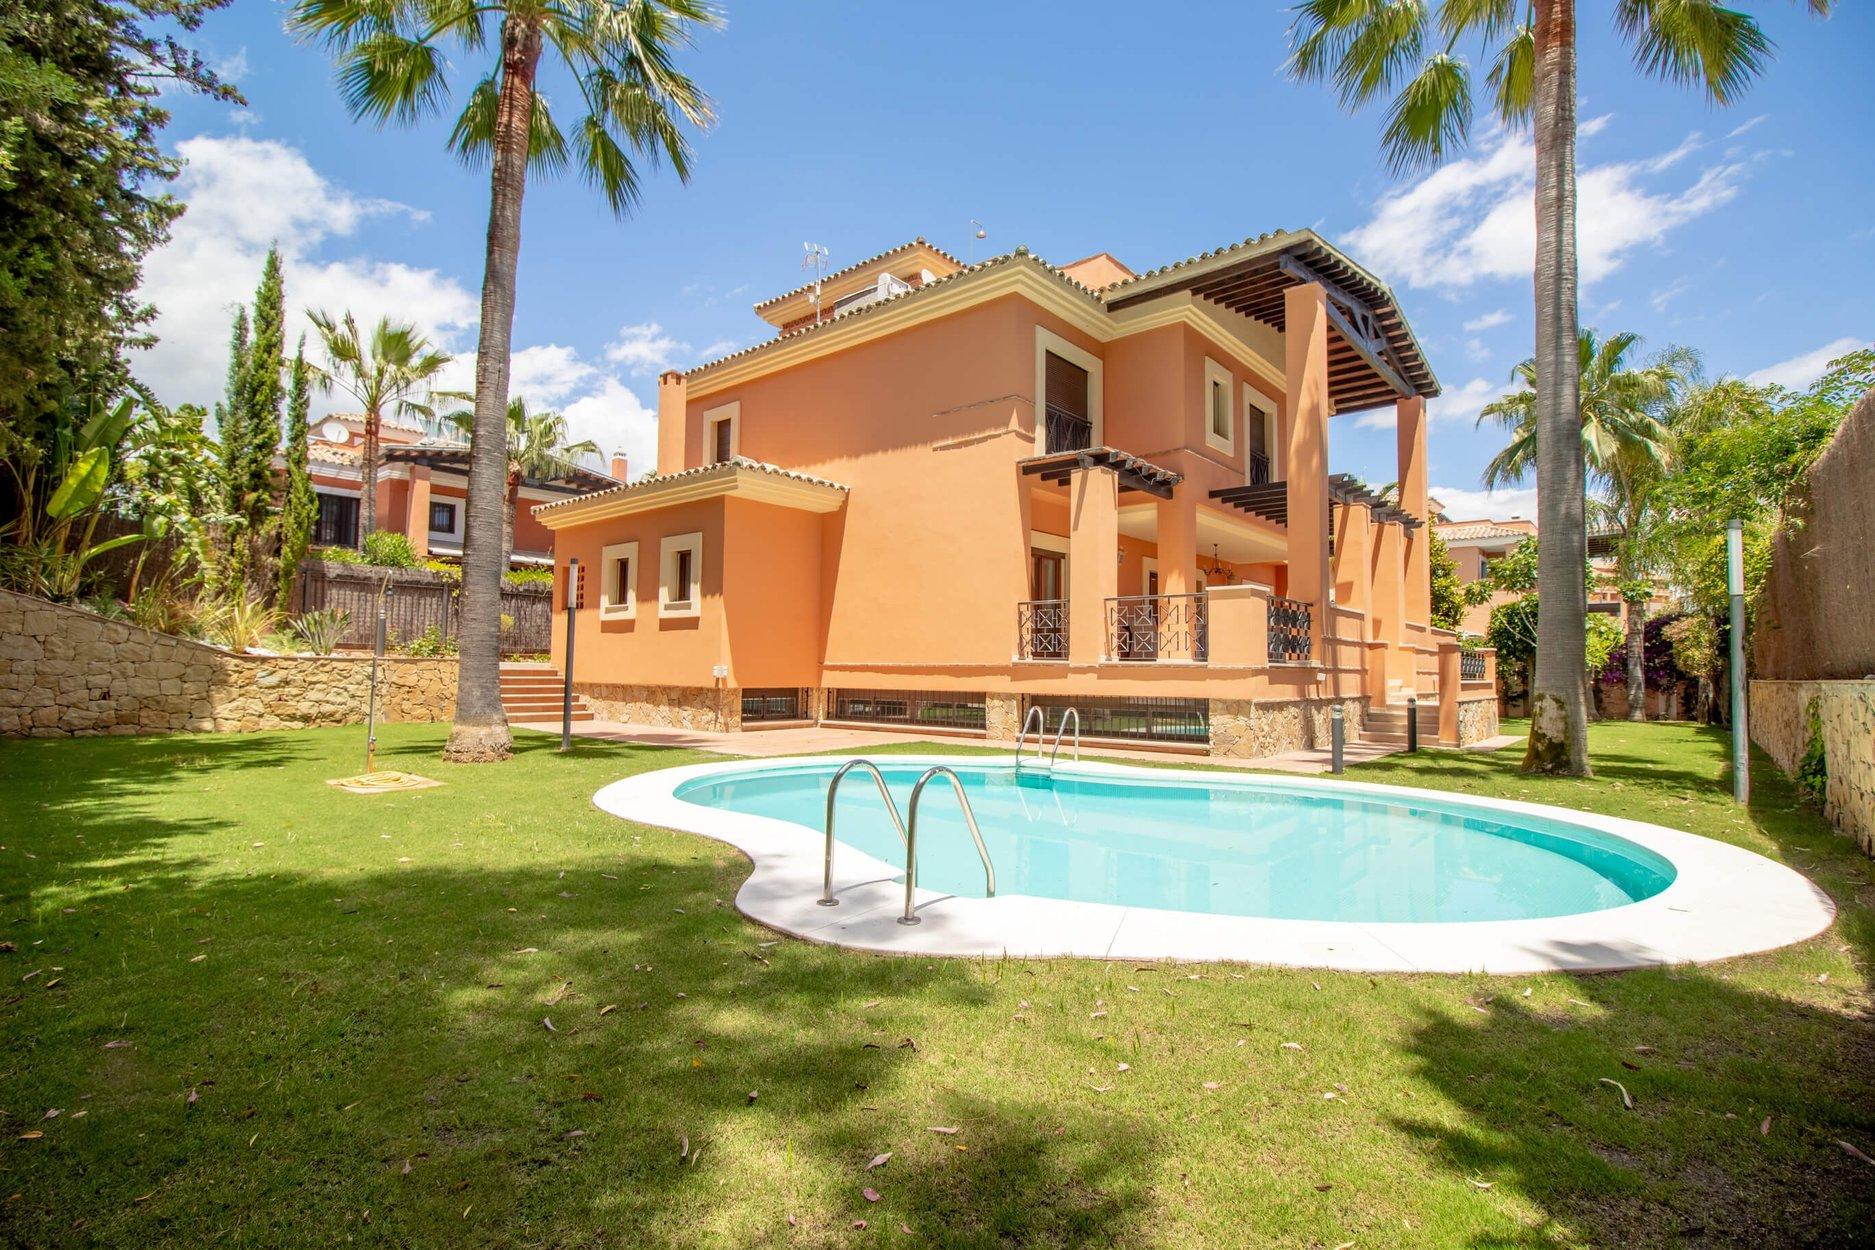 aaa6 bedroom Villa in Los Monteros, Marbella | M140625